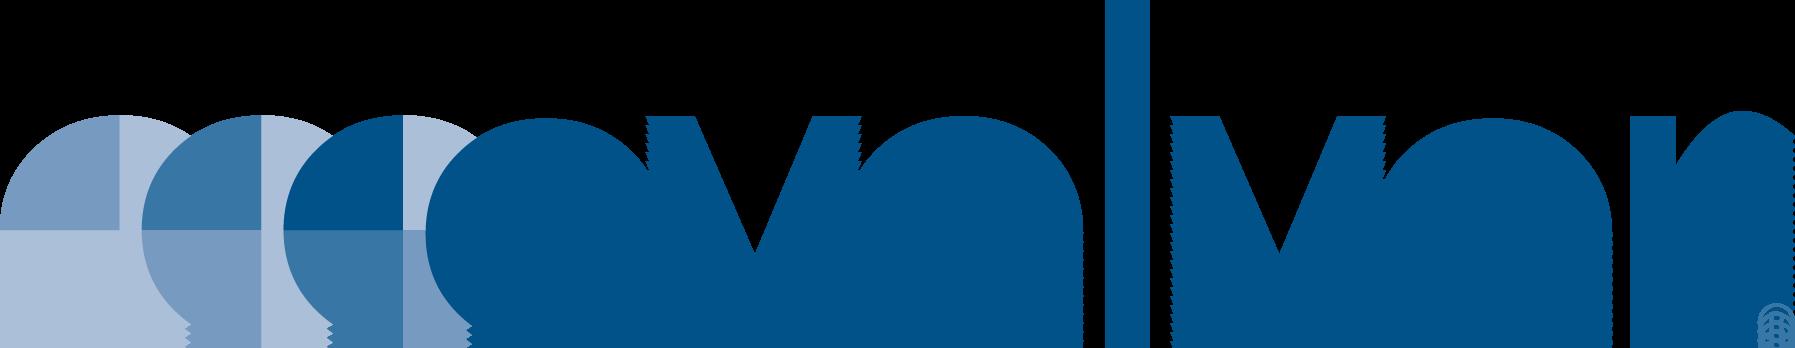 Evolver Logo_full color.png